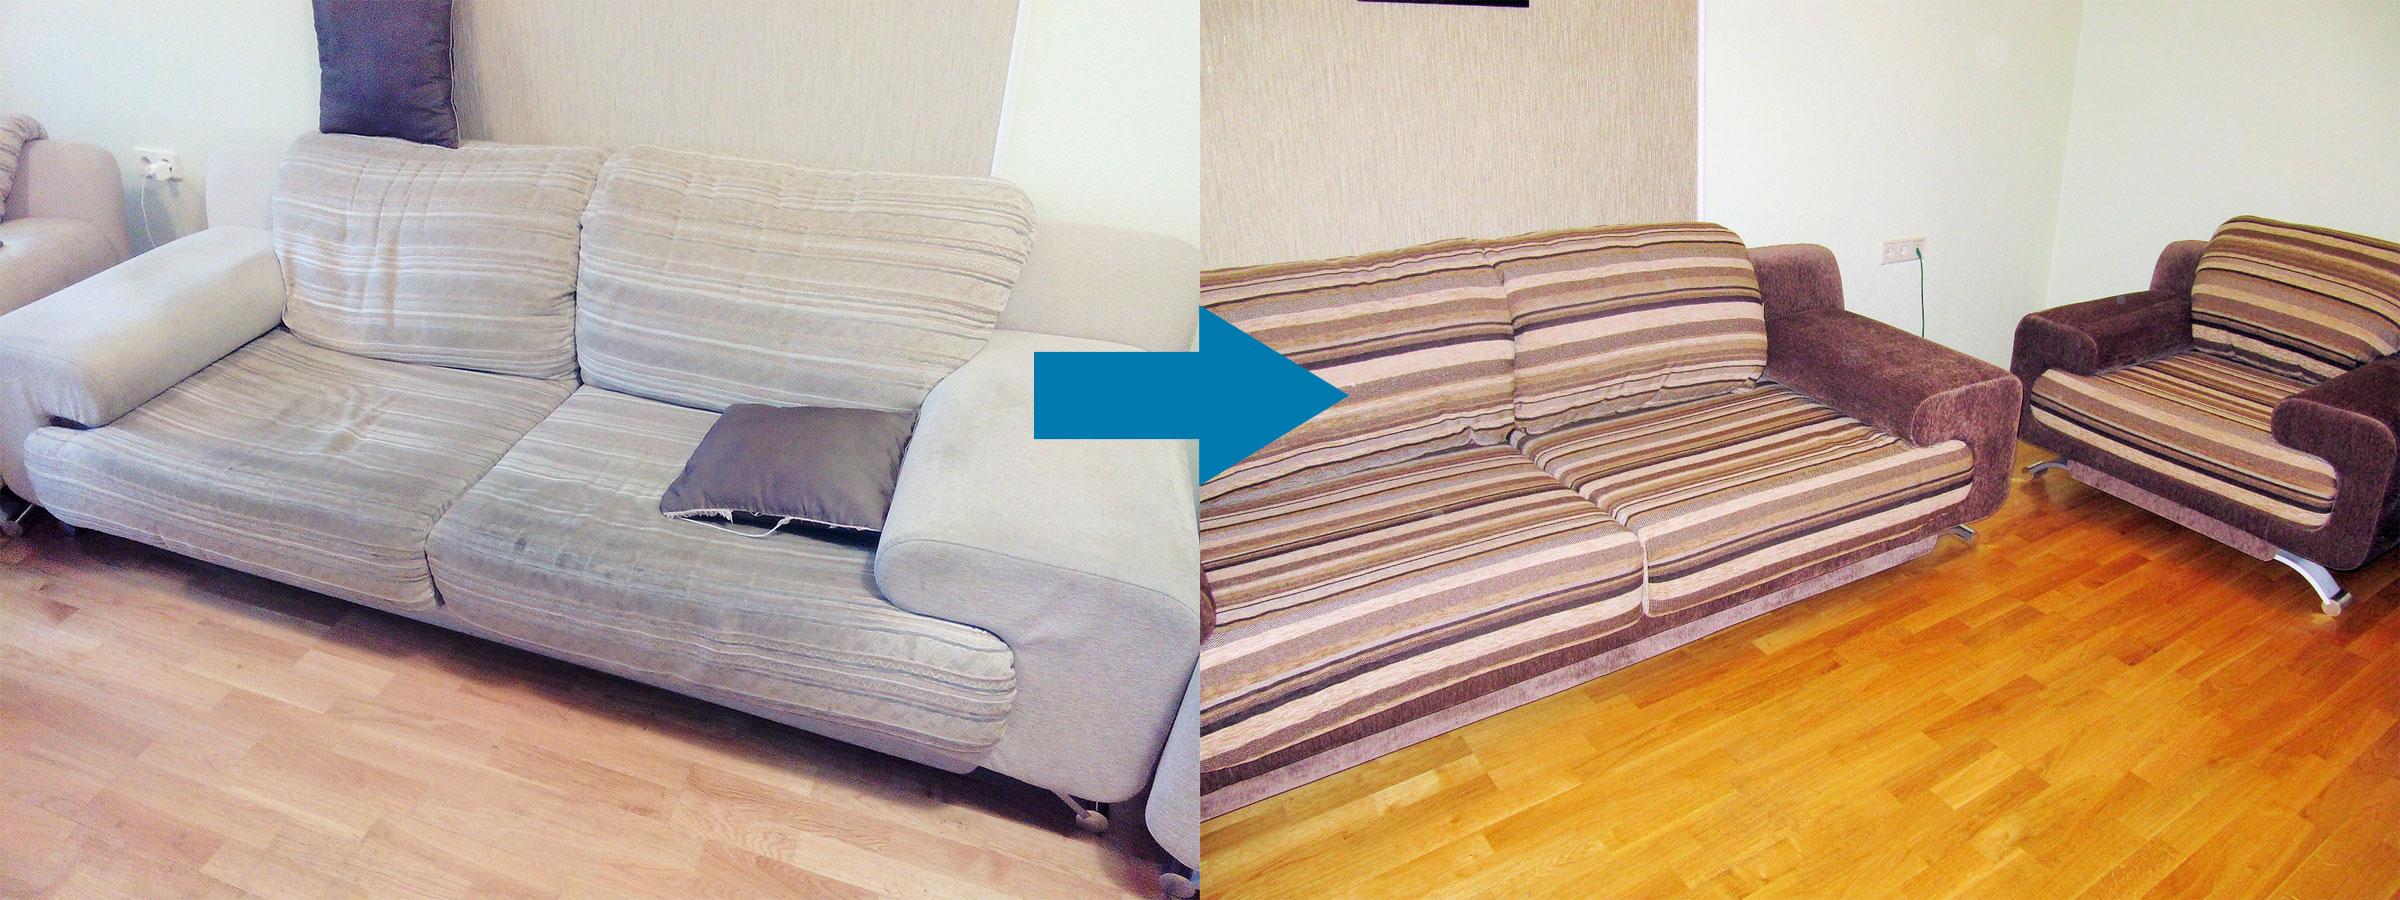 Hauling Möbel vor und nach Fotos